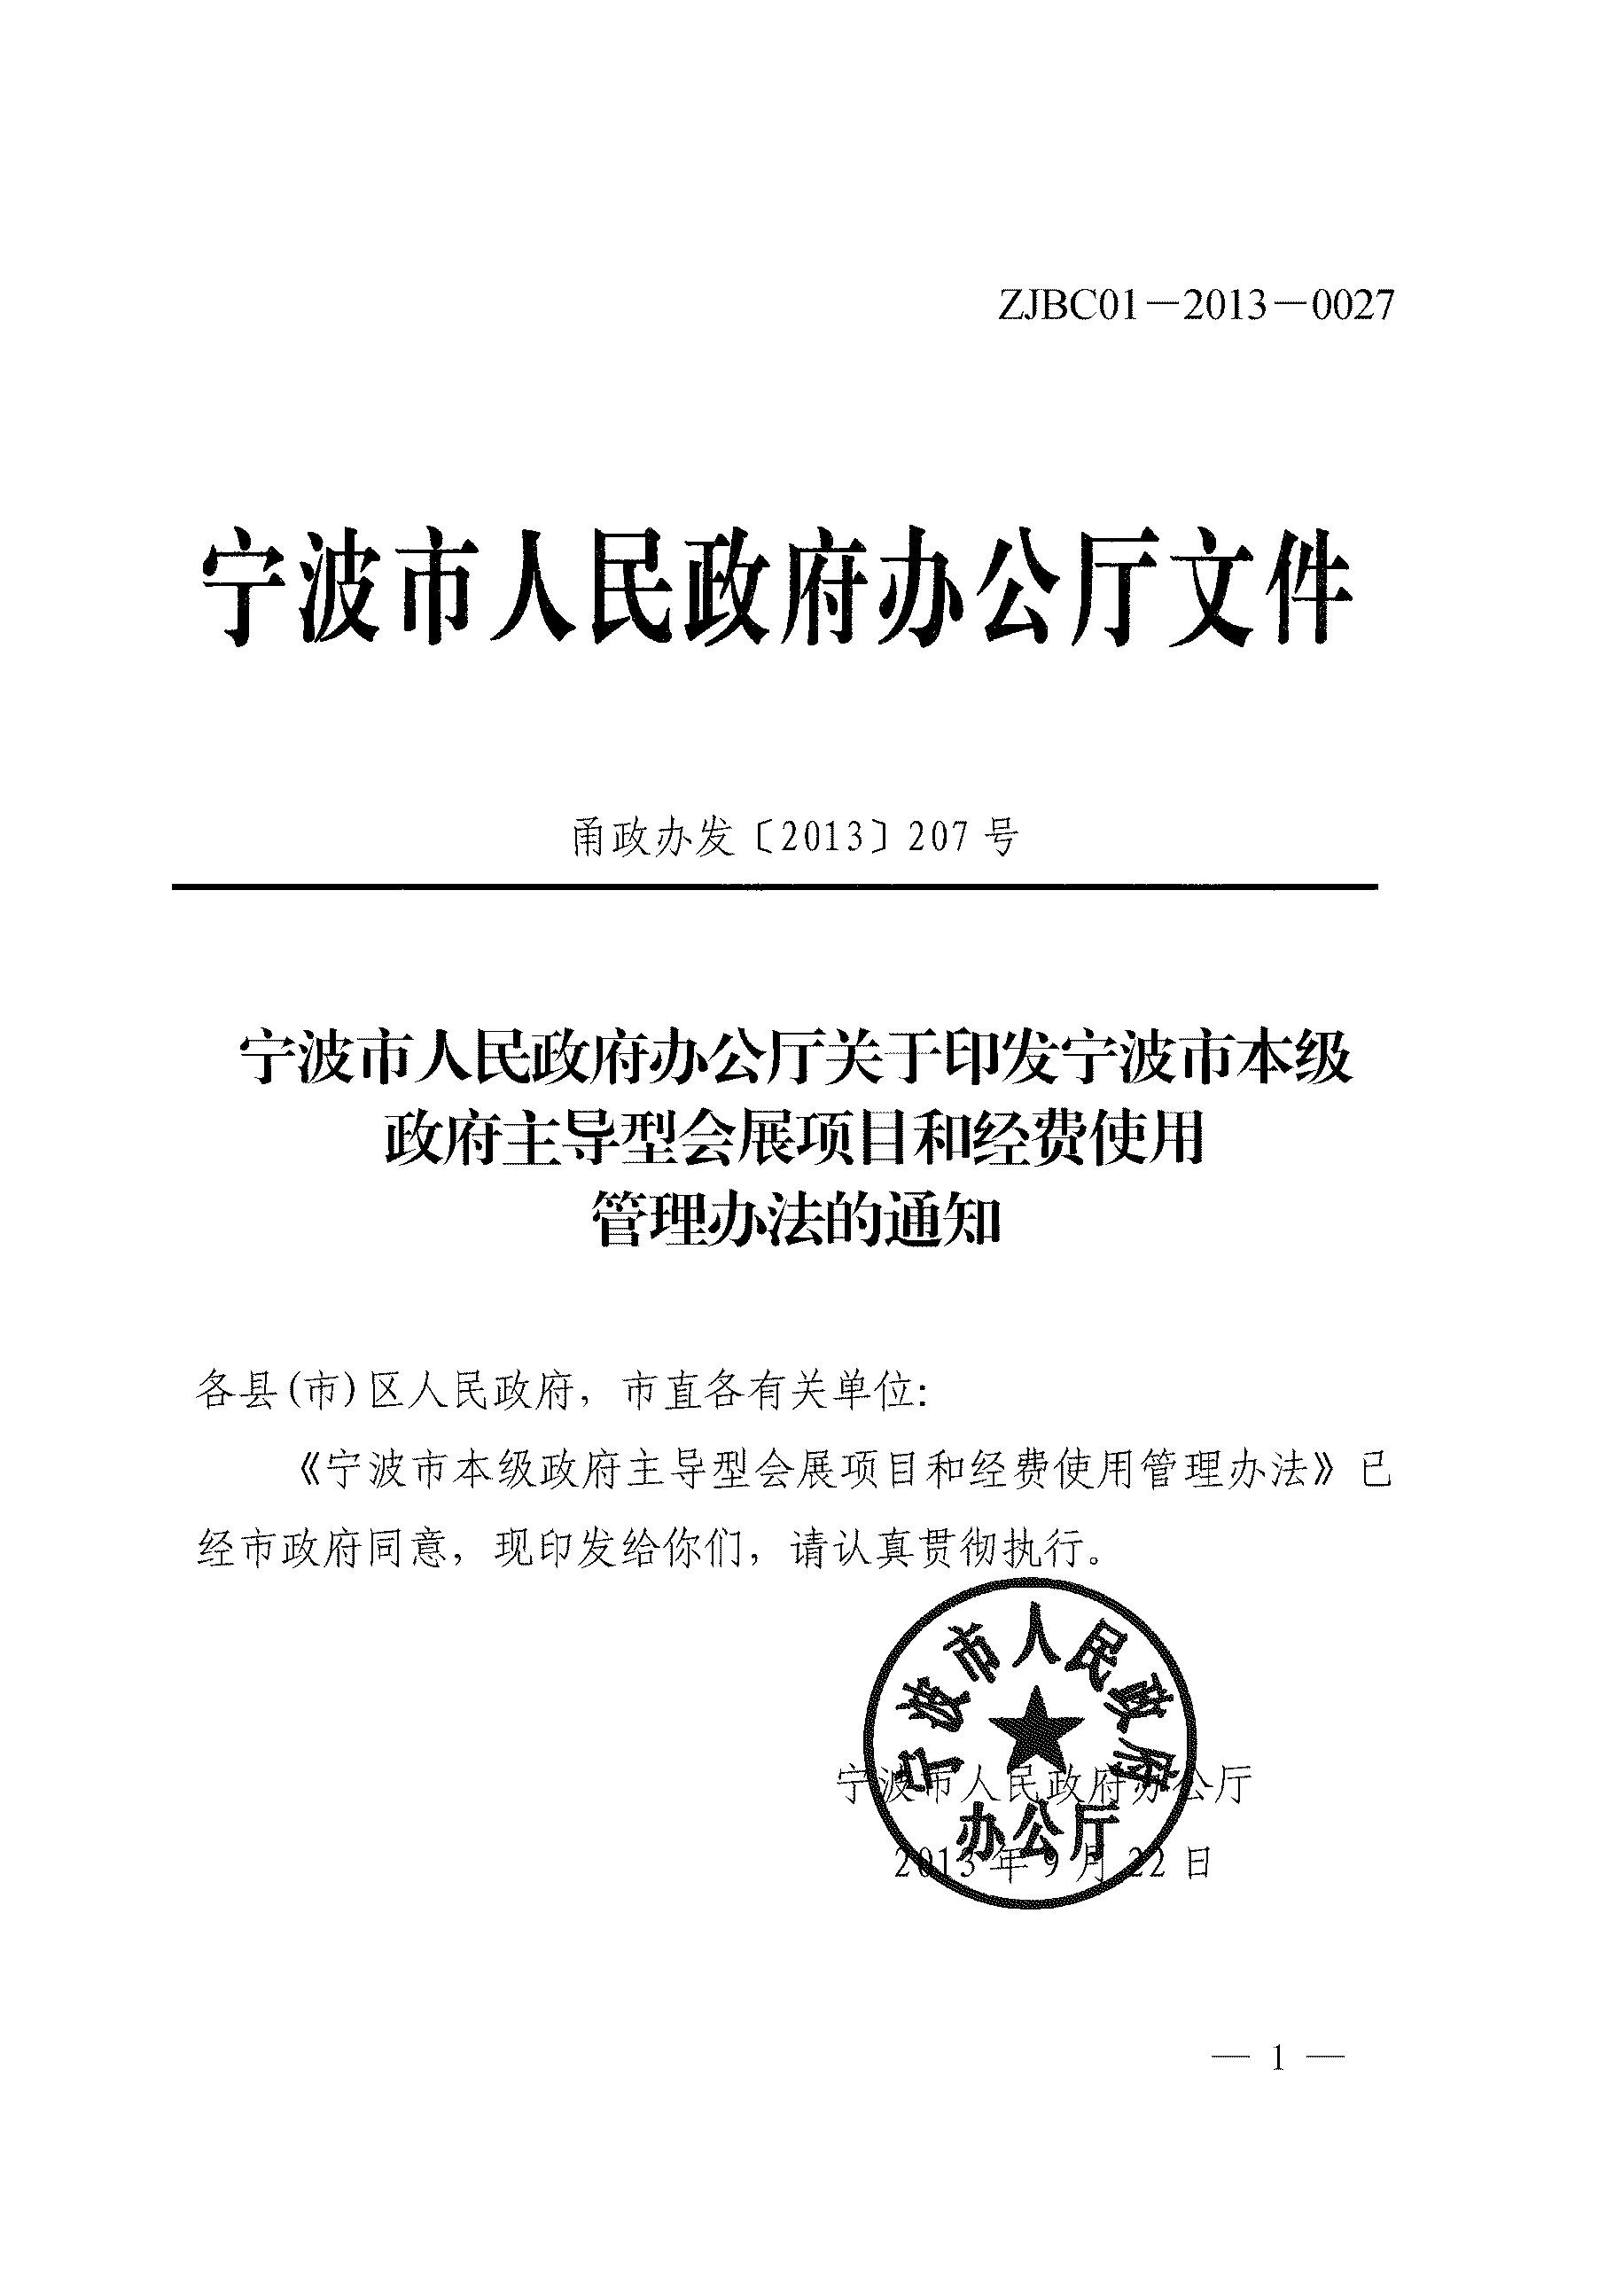 【新】宁波市人民政府办公厅关于印发宁波市本级政府主导型会展项目和经费使用管理办法的通知_p1.jpg